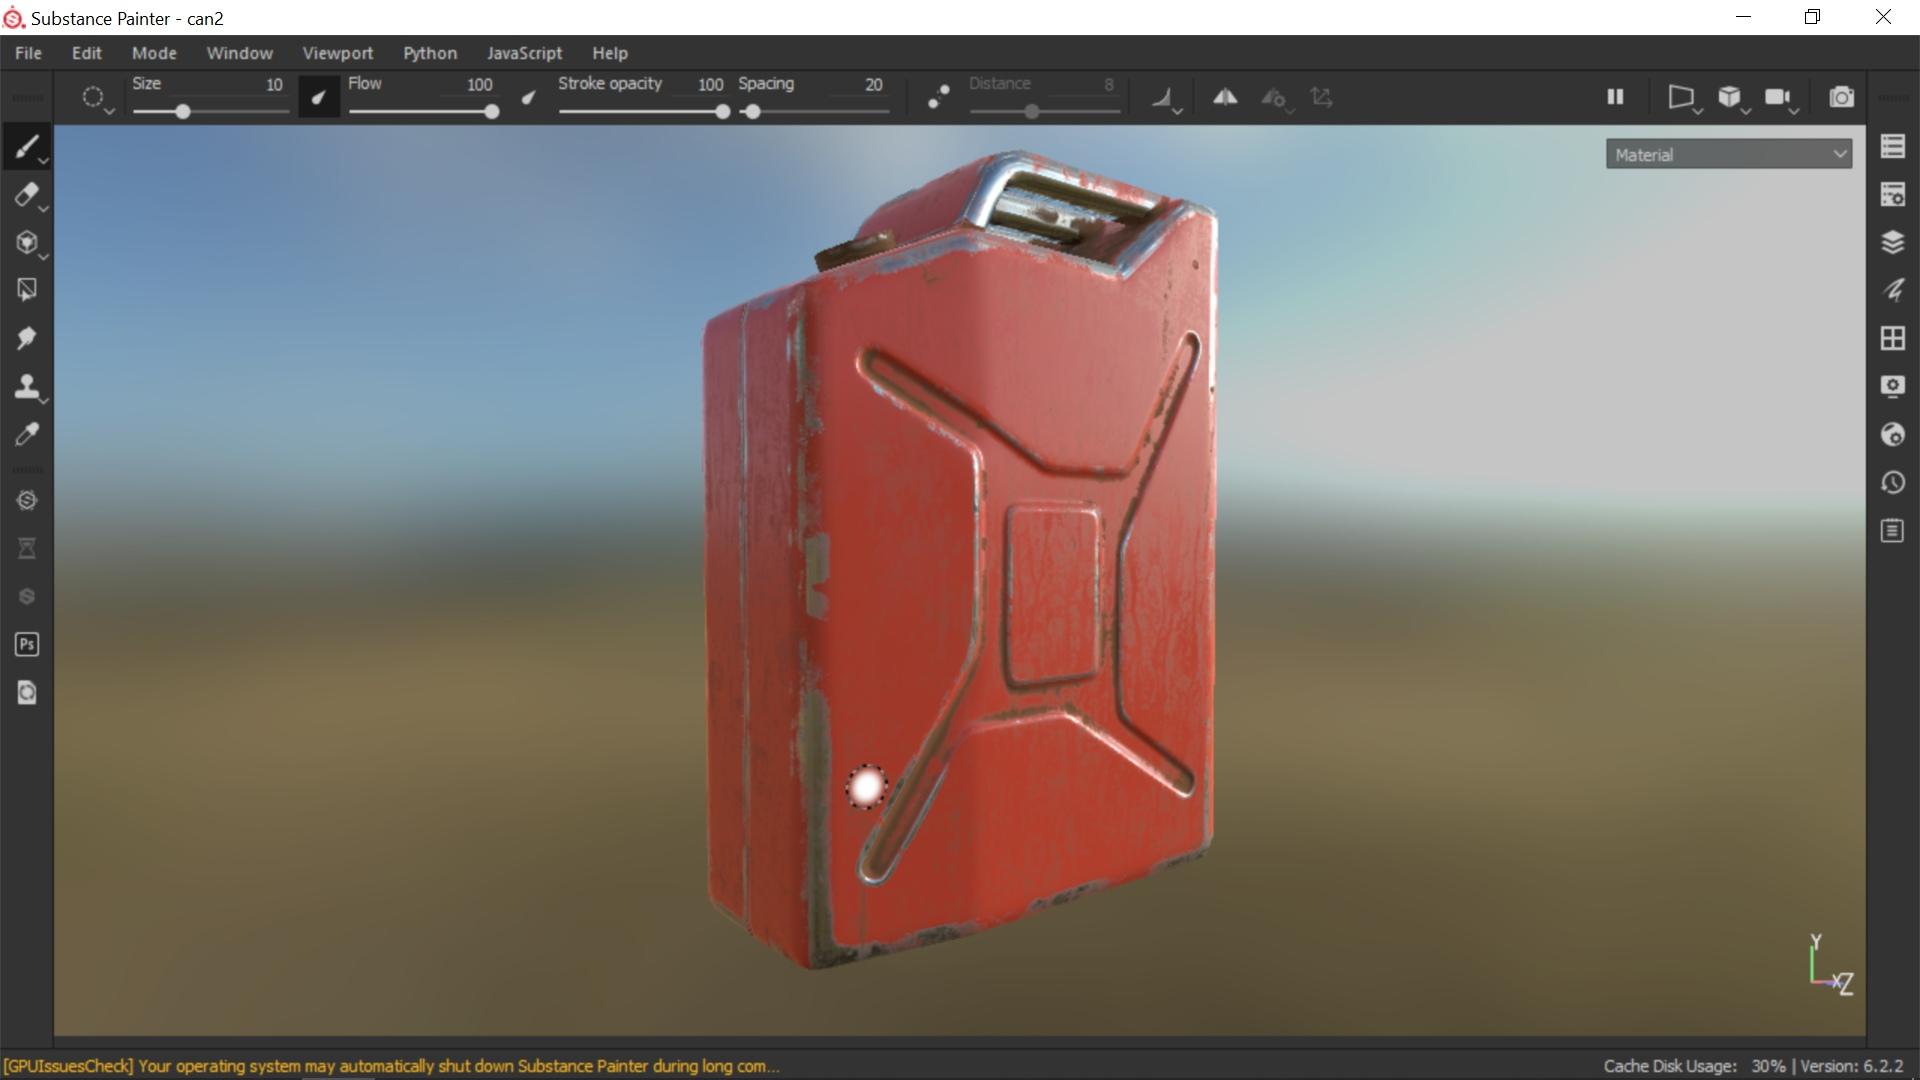 канистра | Состоялся релиз трехмерного WebGL движка Blend4Web